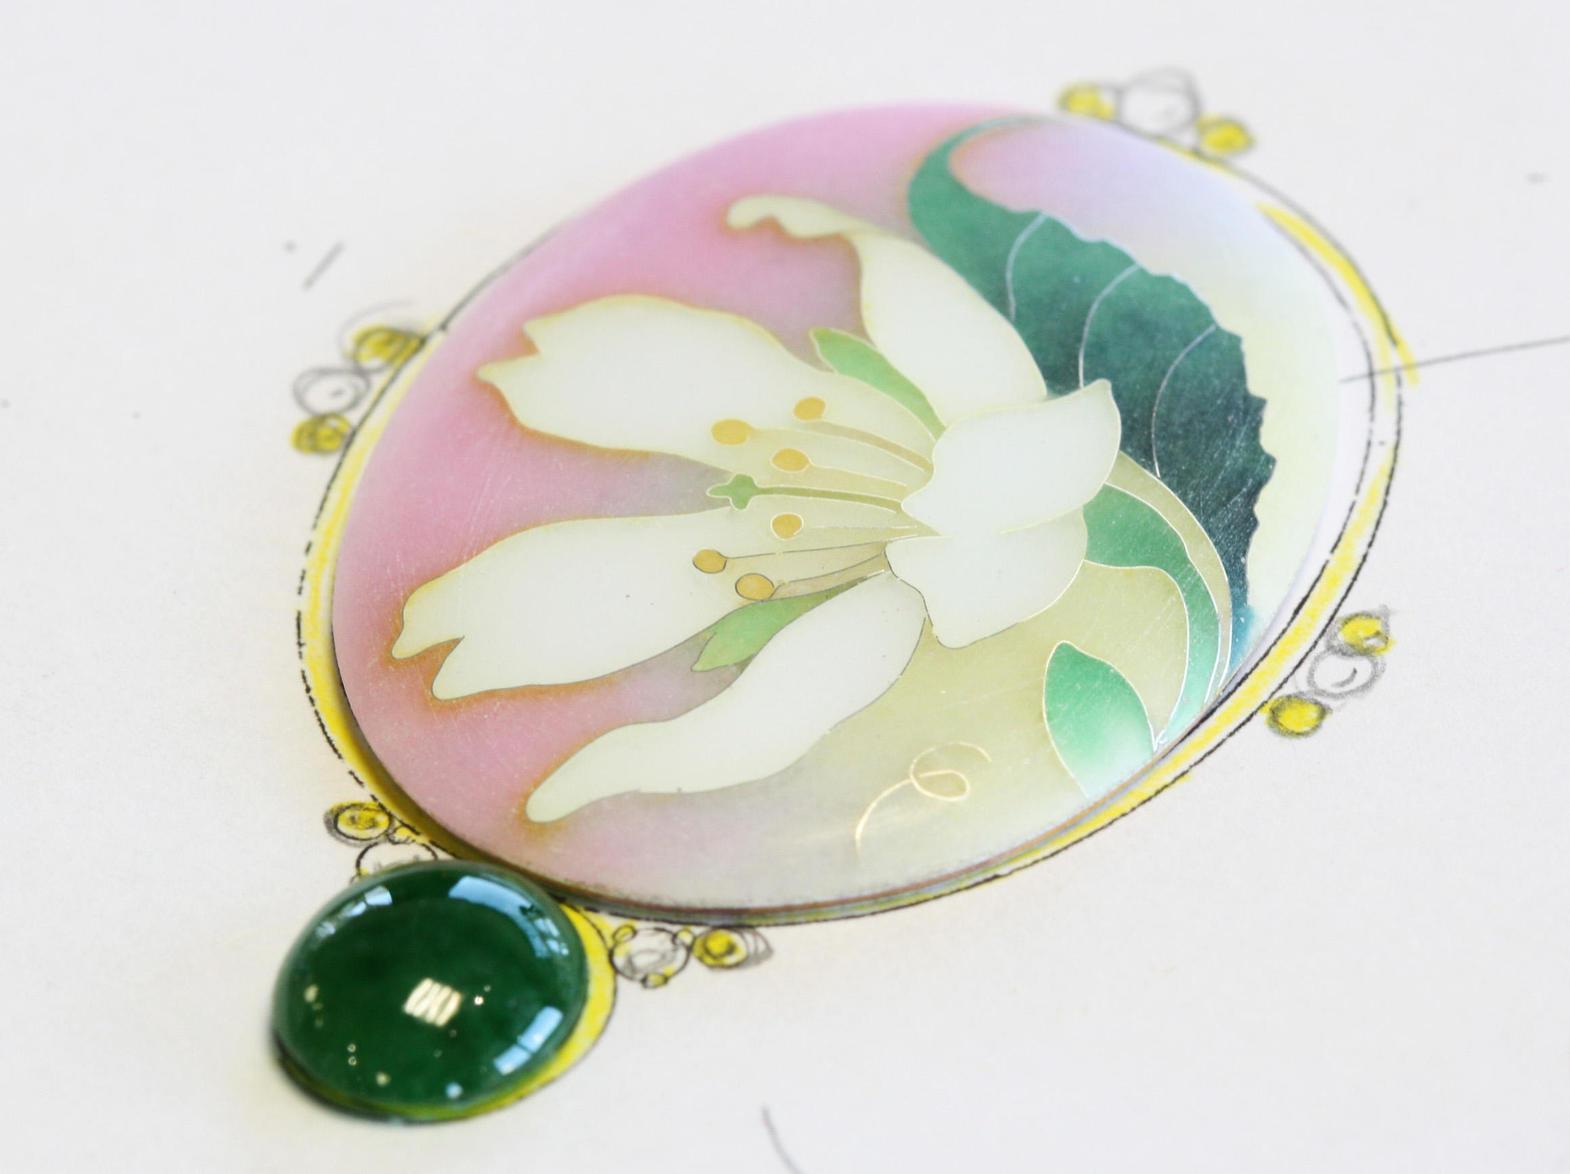 山桜の七宝ペンダント「梅鉢桜」ご注文頂きました!